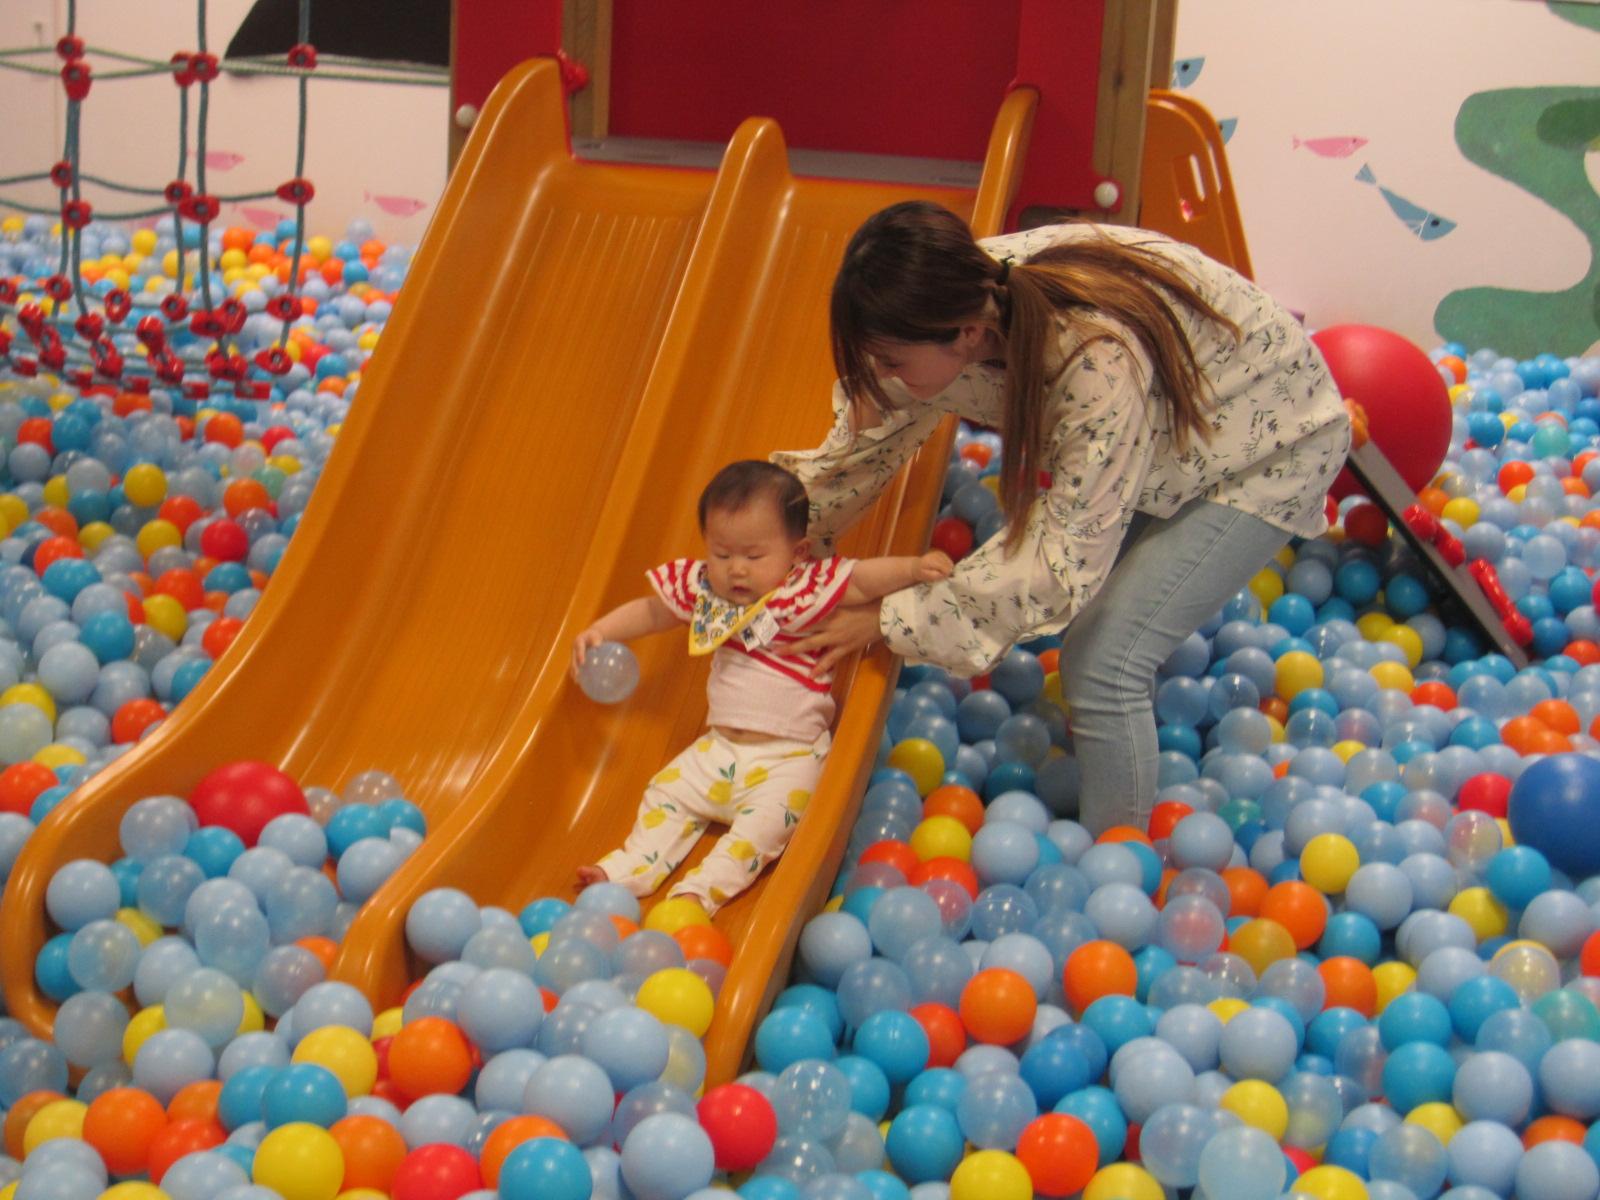 6月赤ちゃんの日のイベント様子 Part1